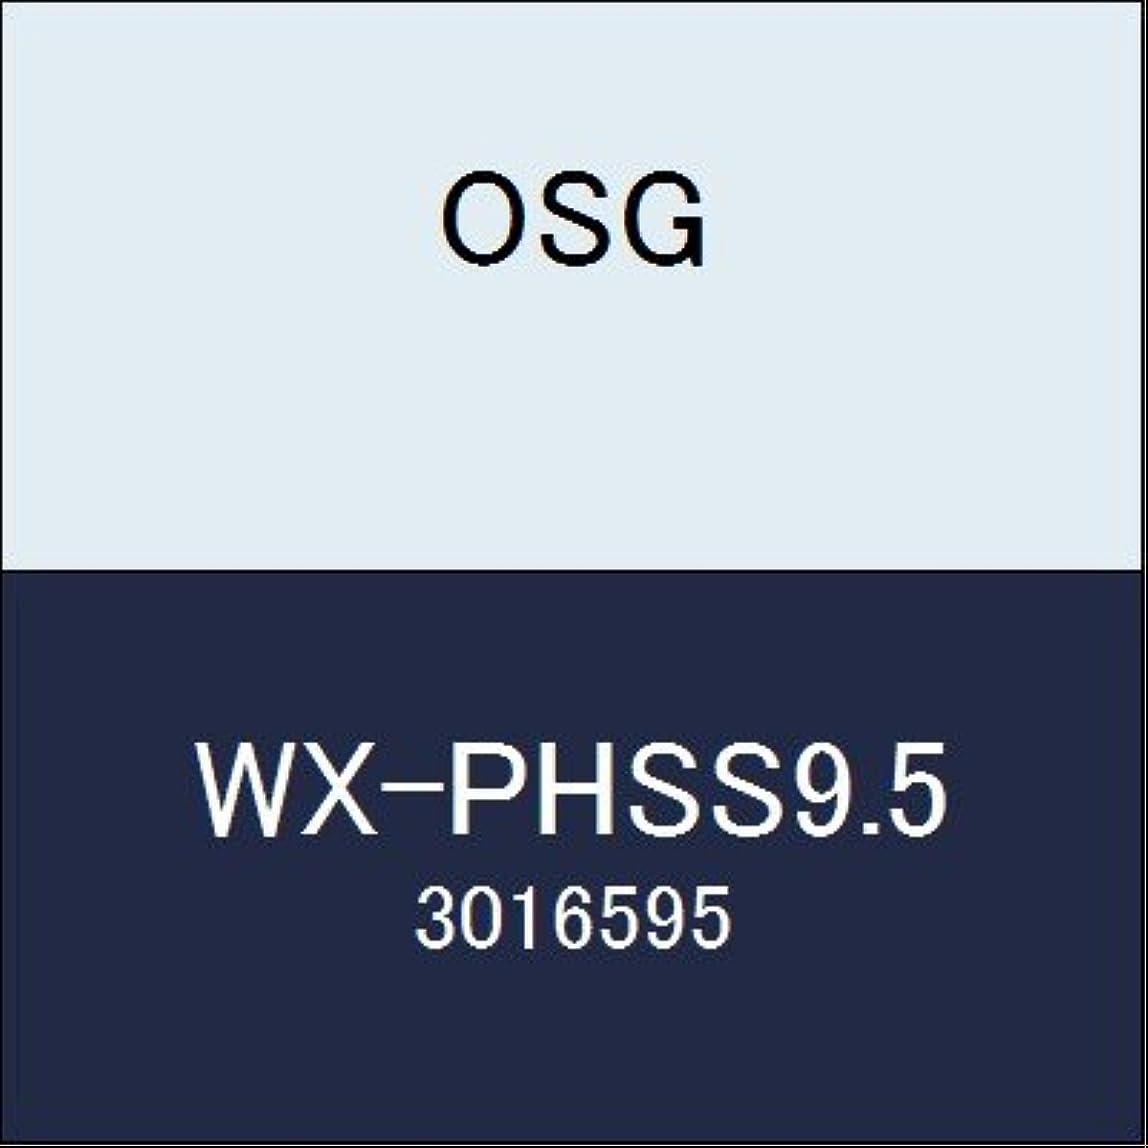 悪夢私たちのもの周囲OSG エンドミル WX-PHSS9.5 商品番号 3016595